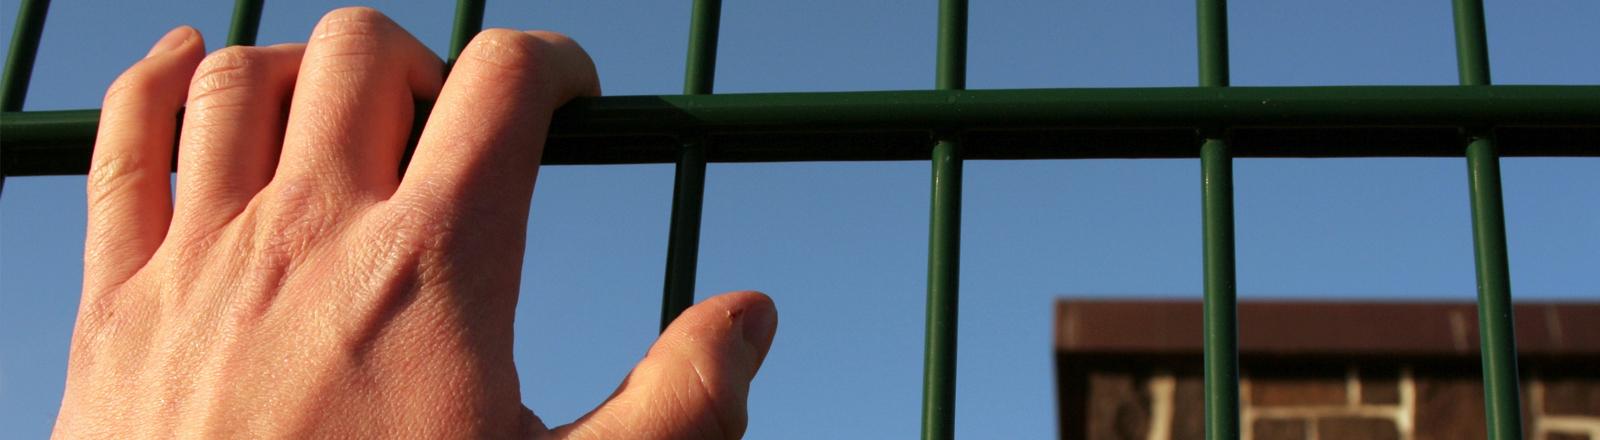 Eine Hand greift an ein Gitter